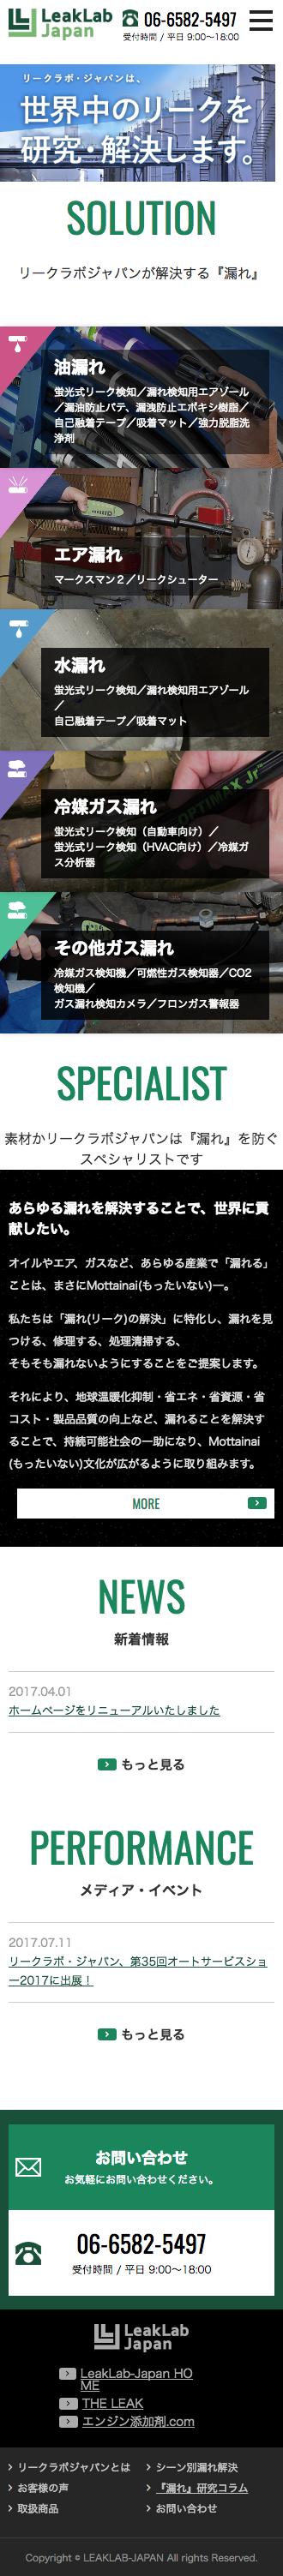 株式会社リークラボ・ジャパン 様 事例